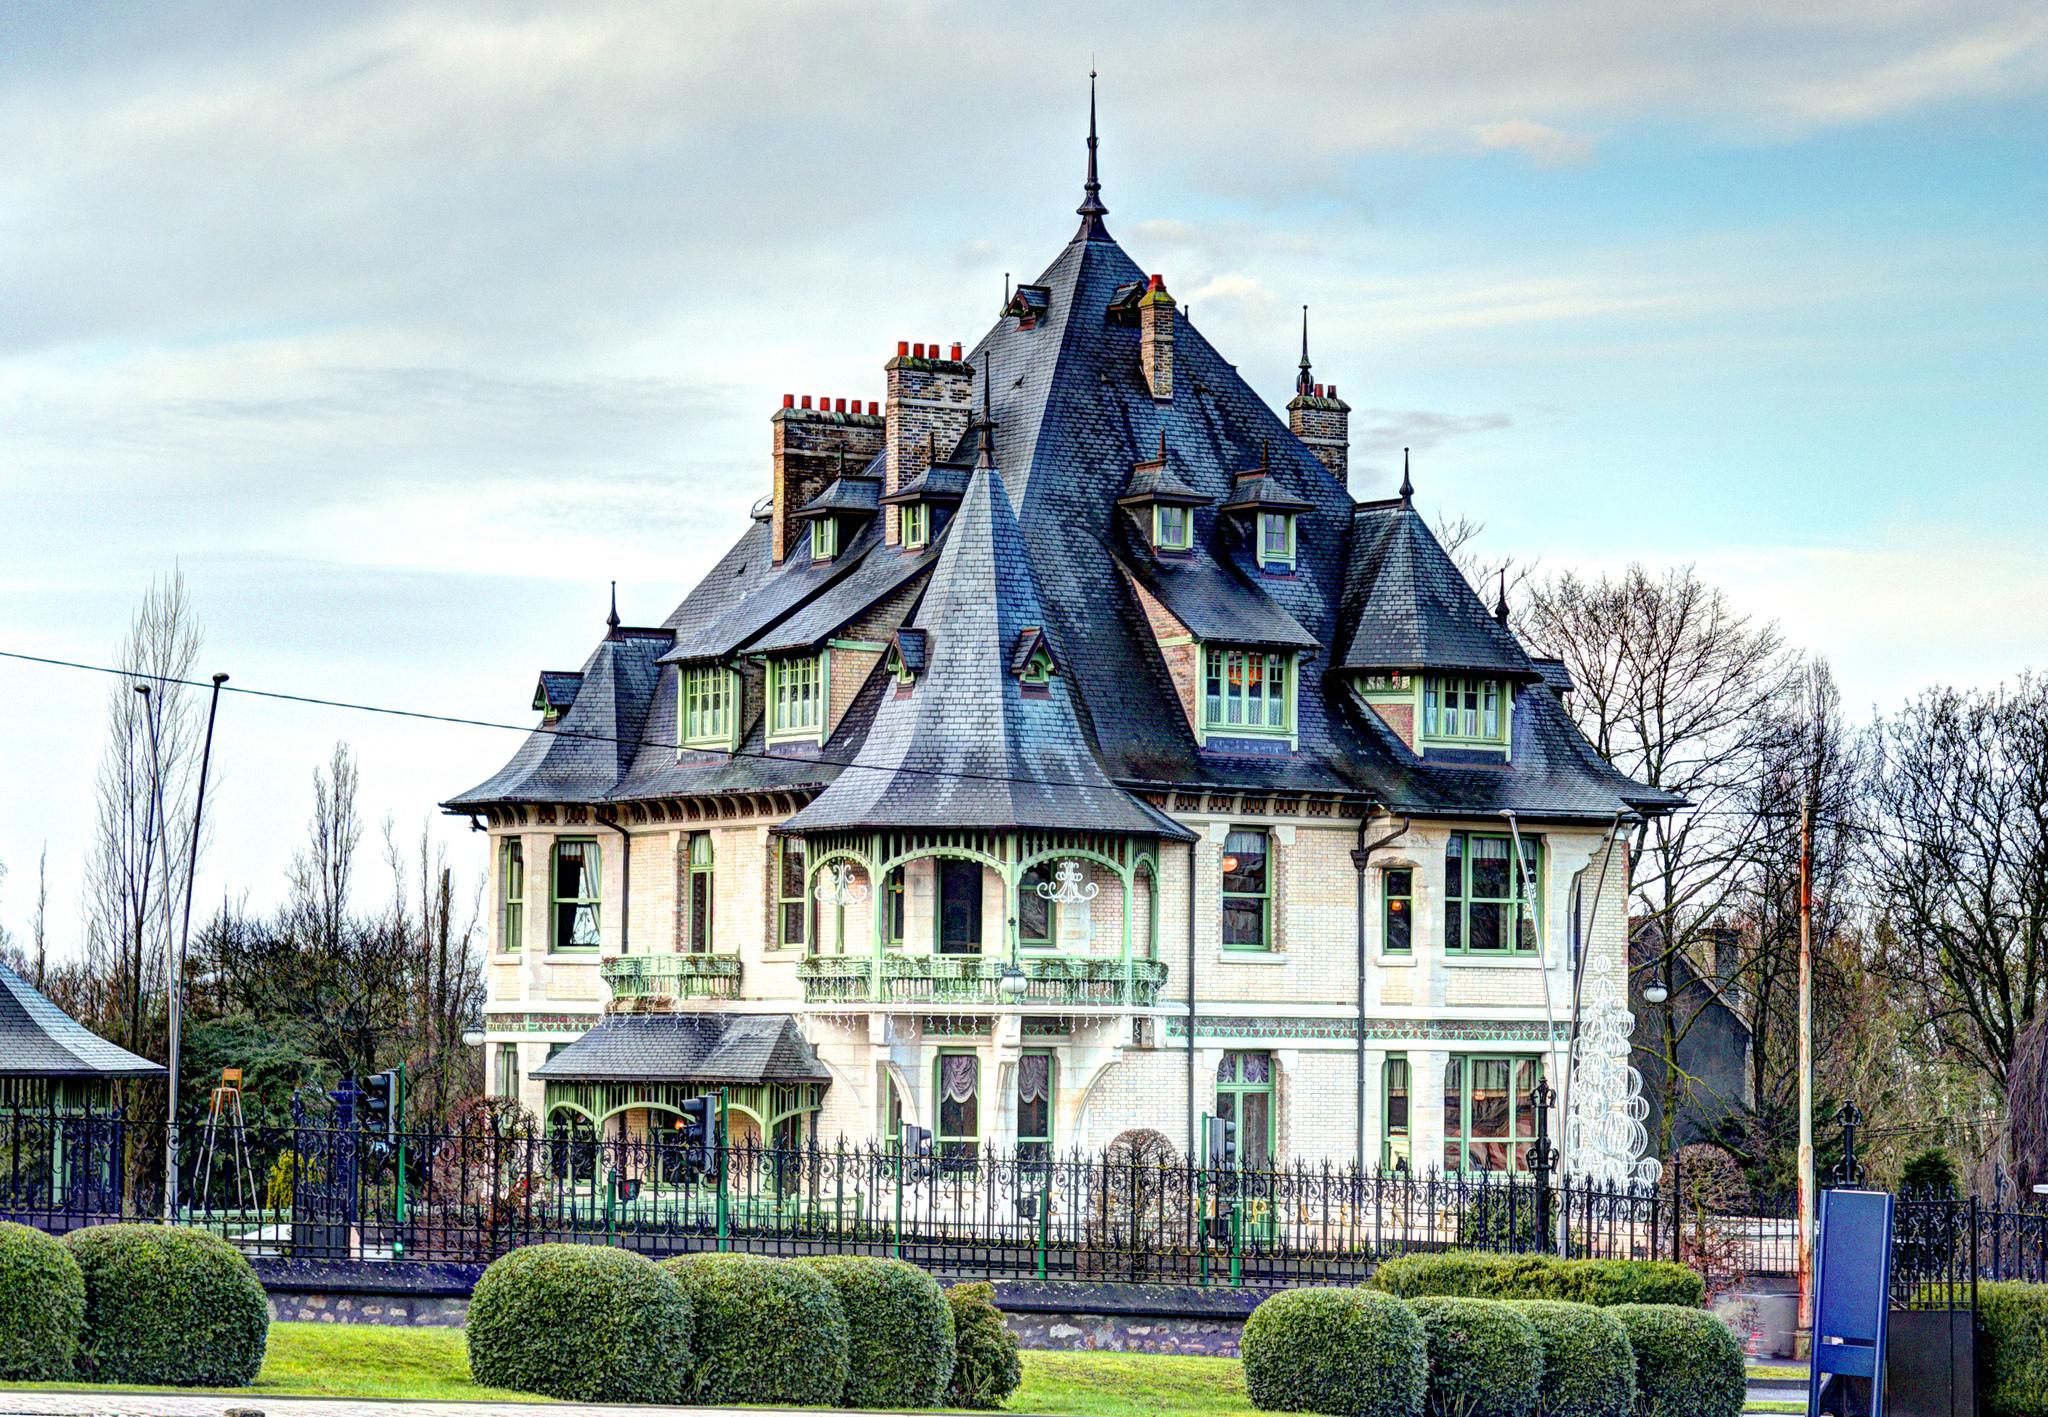 villa demoiselle reims site officiel du tourisme en. Black Bedroom Furniture Sets. Home Design Ideas